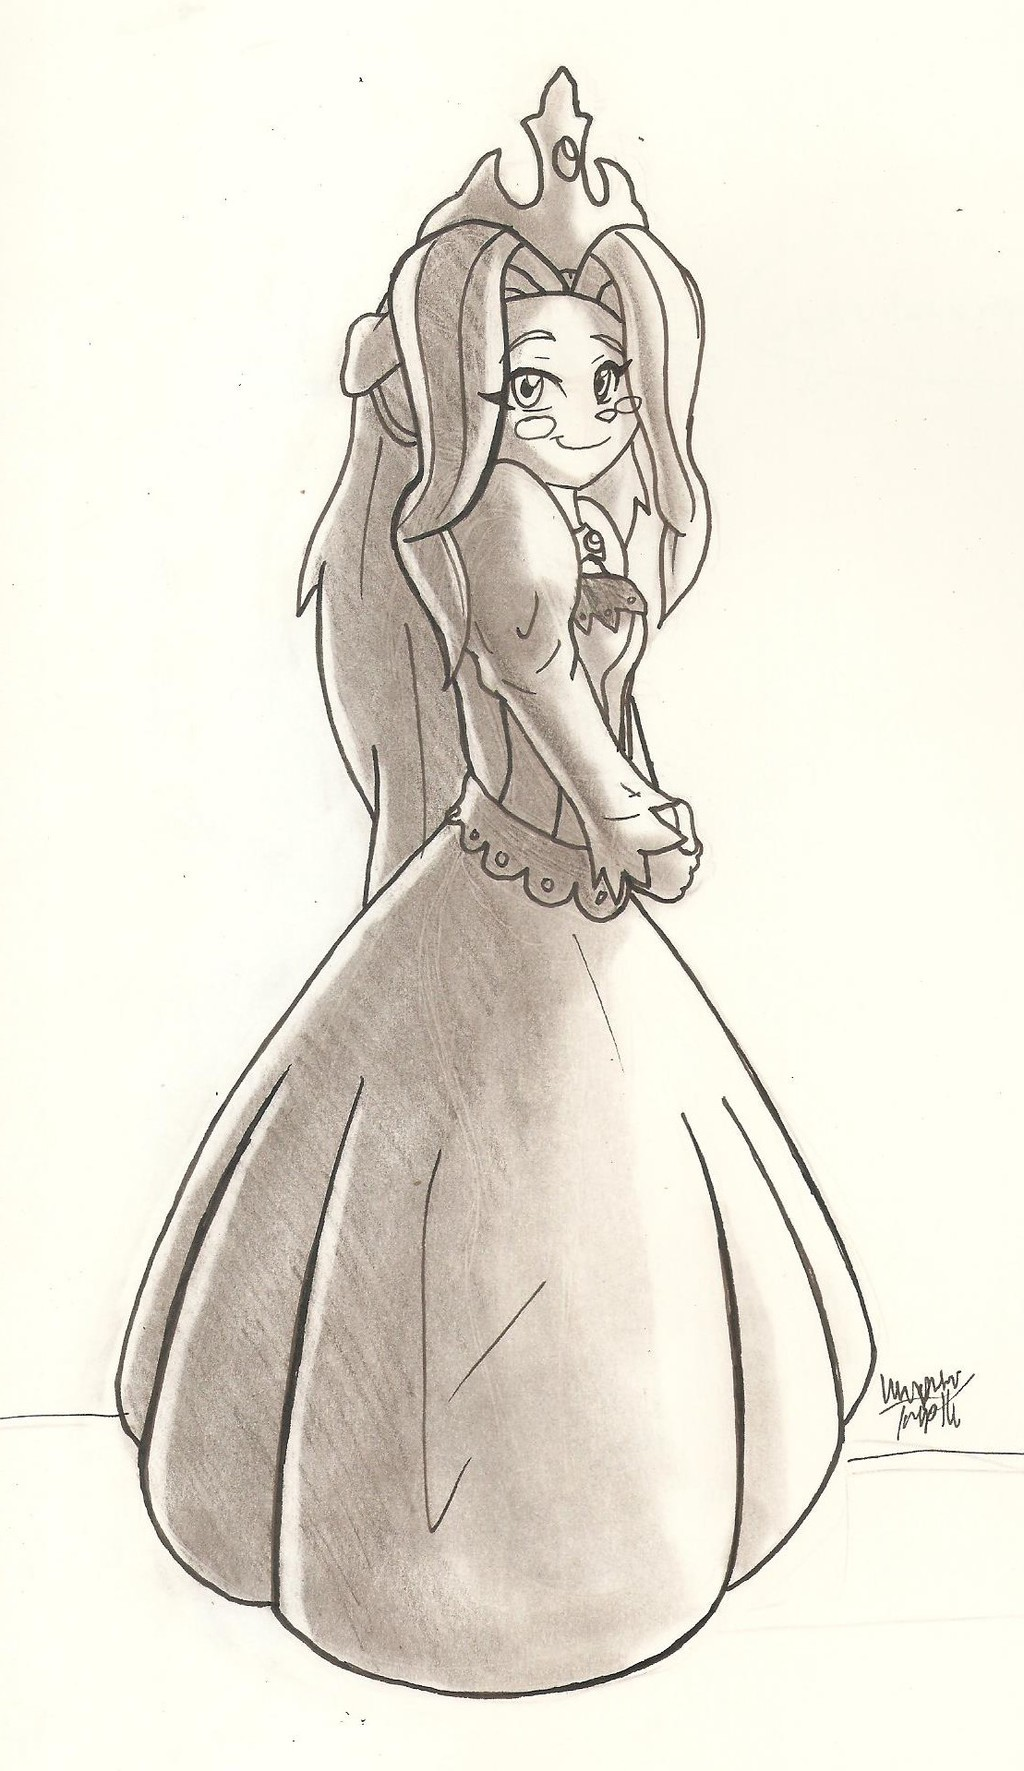 Solatorobo Princess theria